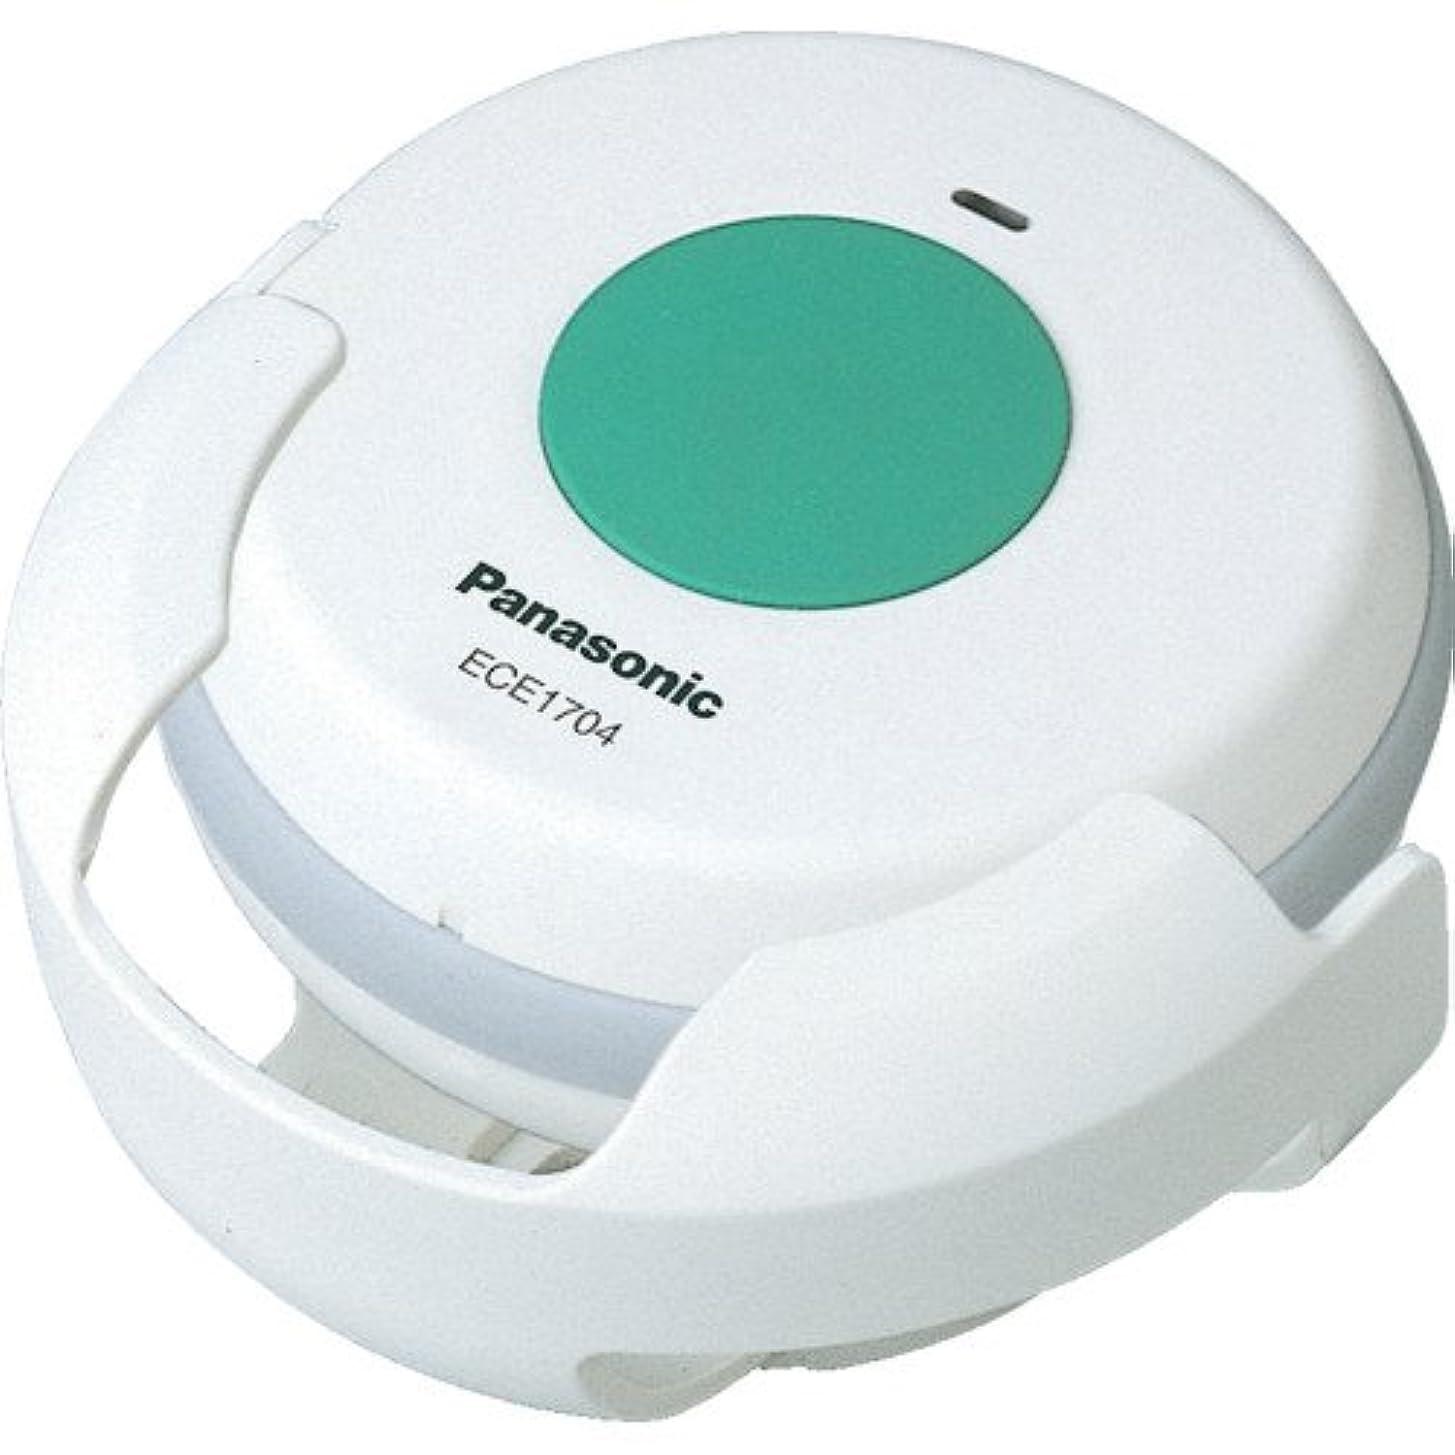 釈義鉄道権限Panasonic (ECE1704P) 小電力型ワイヤレスコール浴室発信器 (ホルダー付) 配線不要! 光と音でお知らせ!